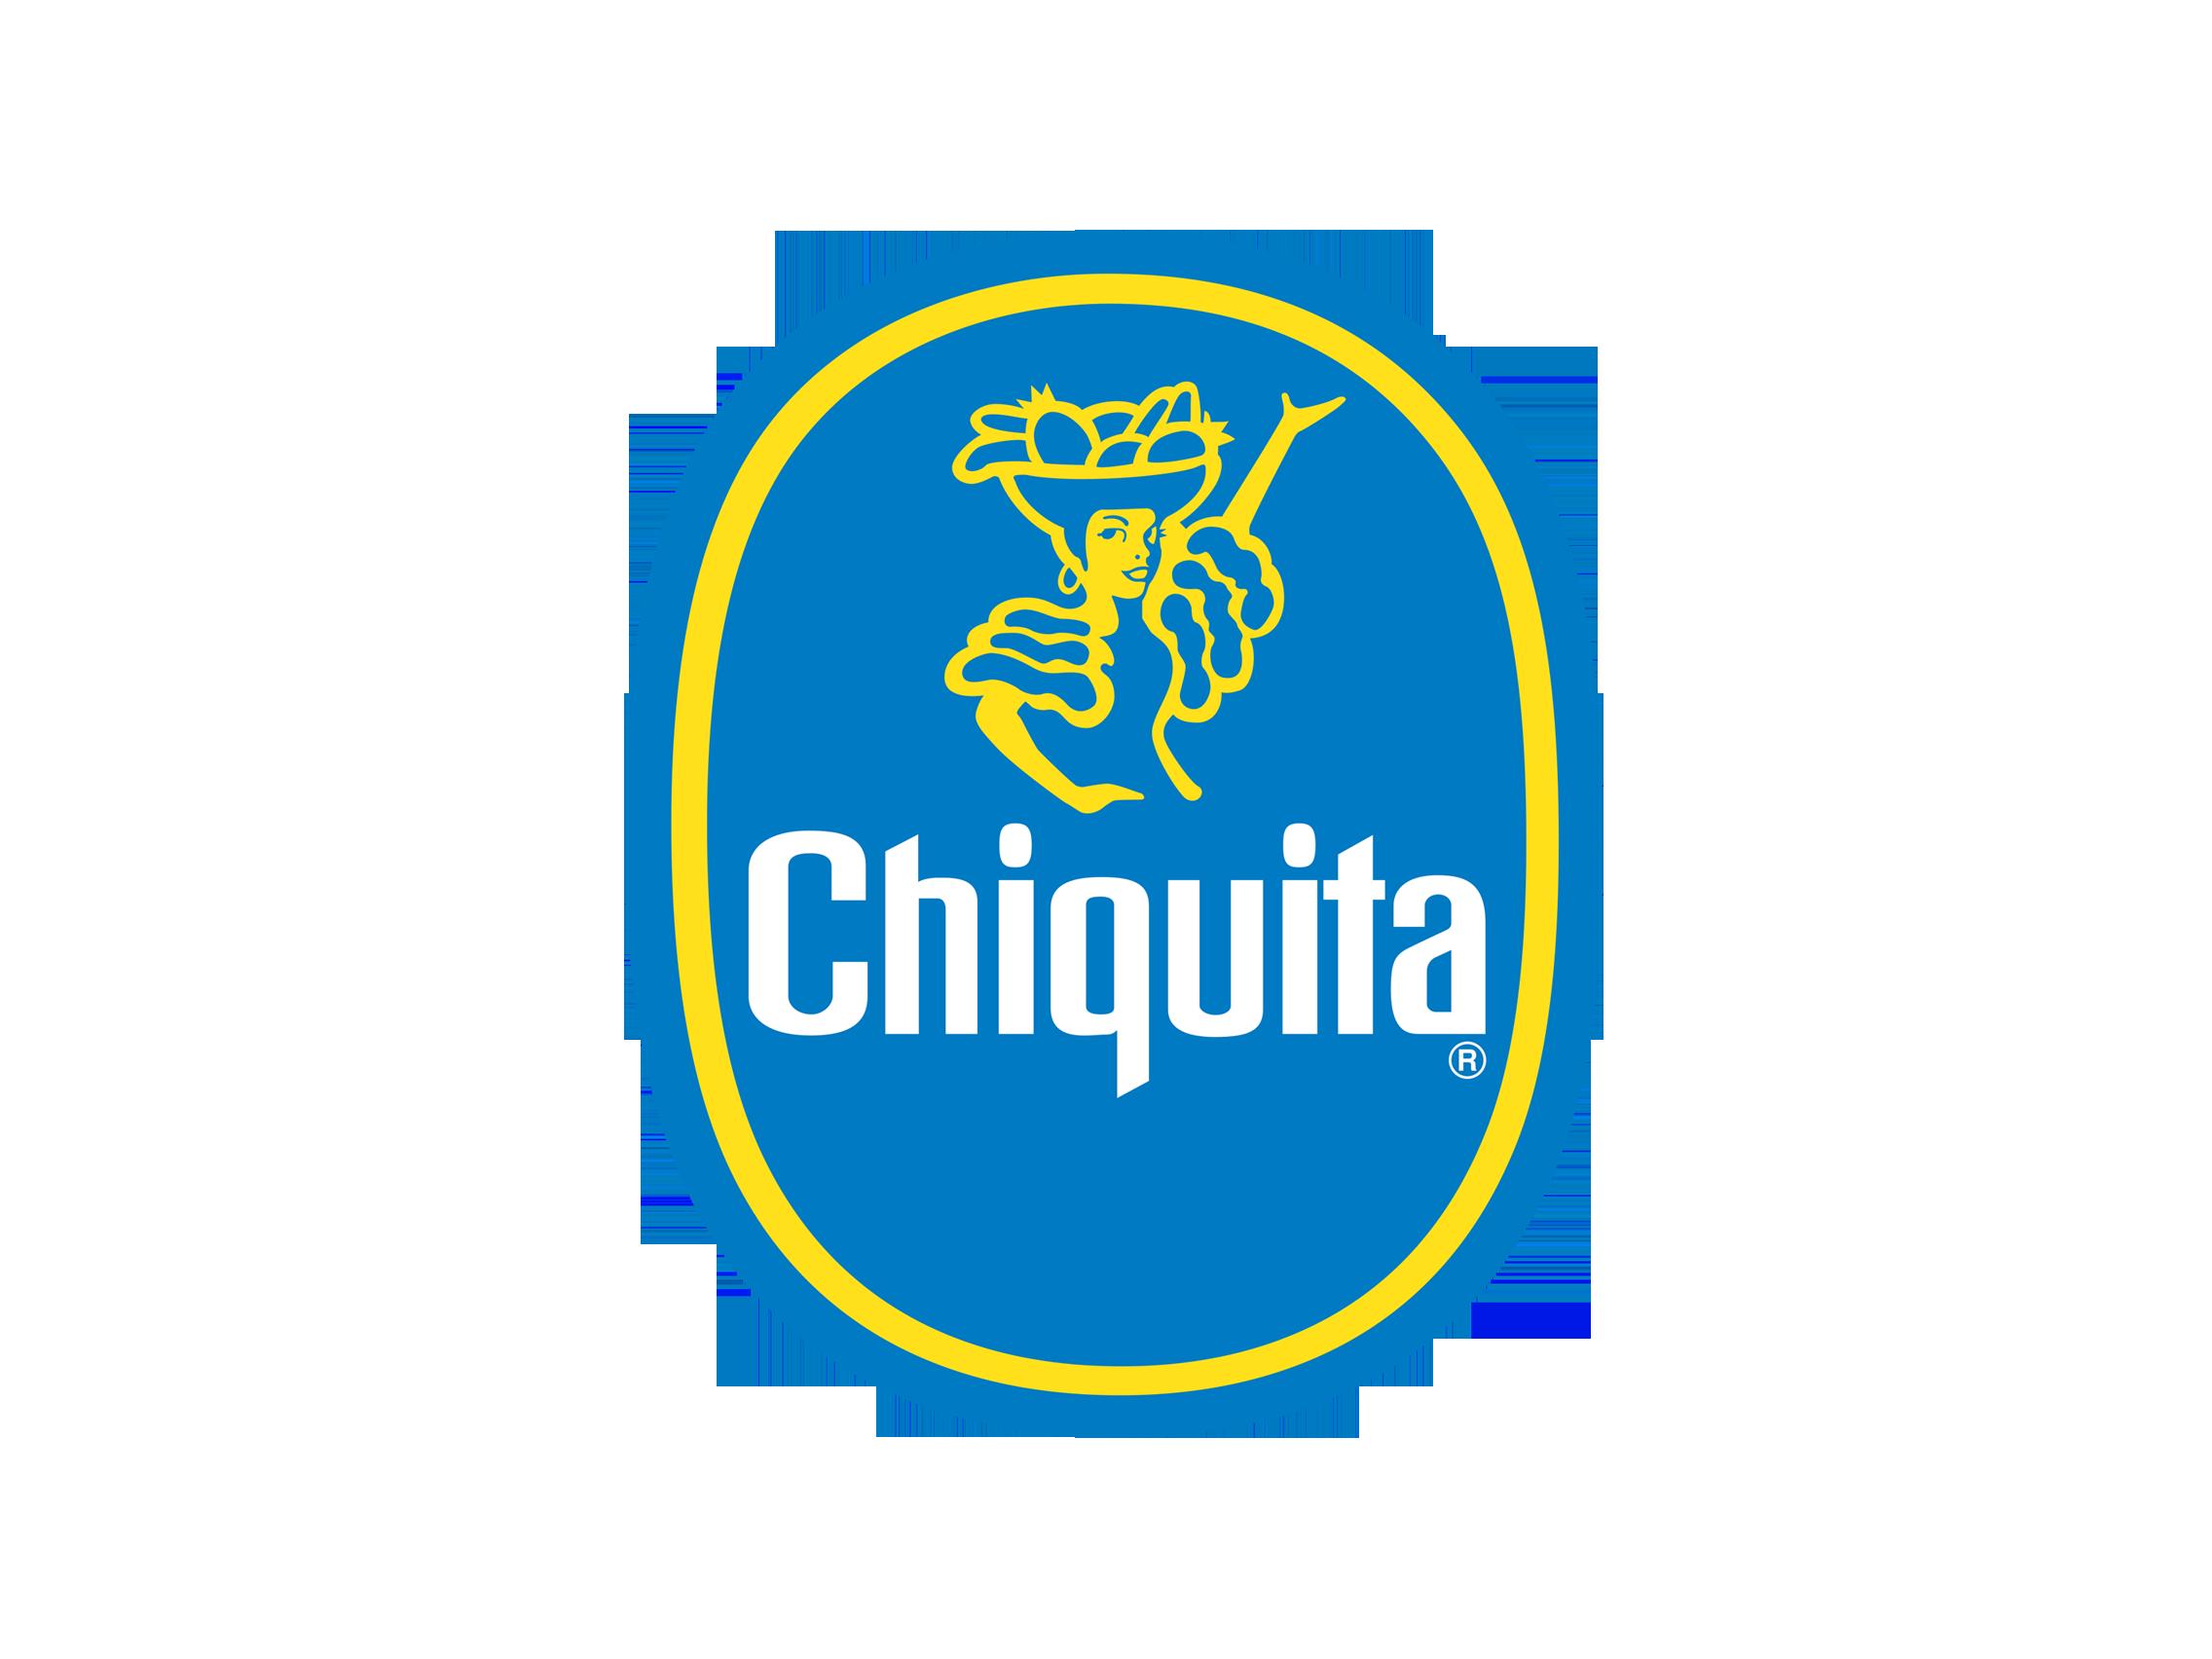 Chiquita Old Logo Wallpaper